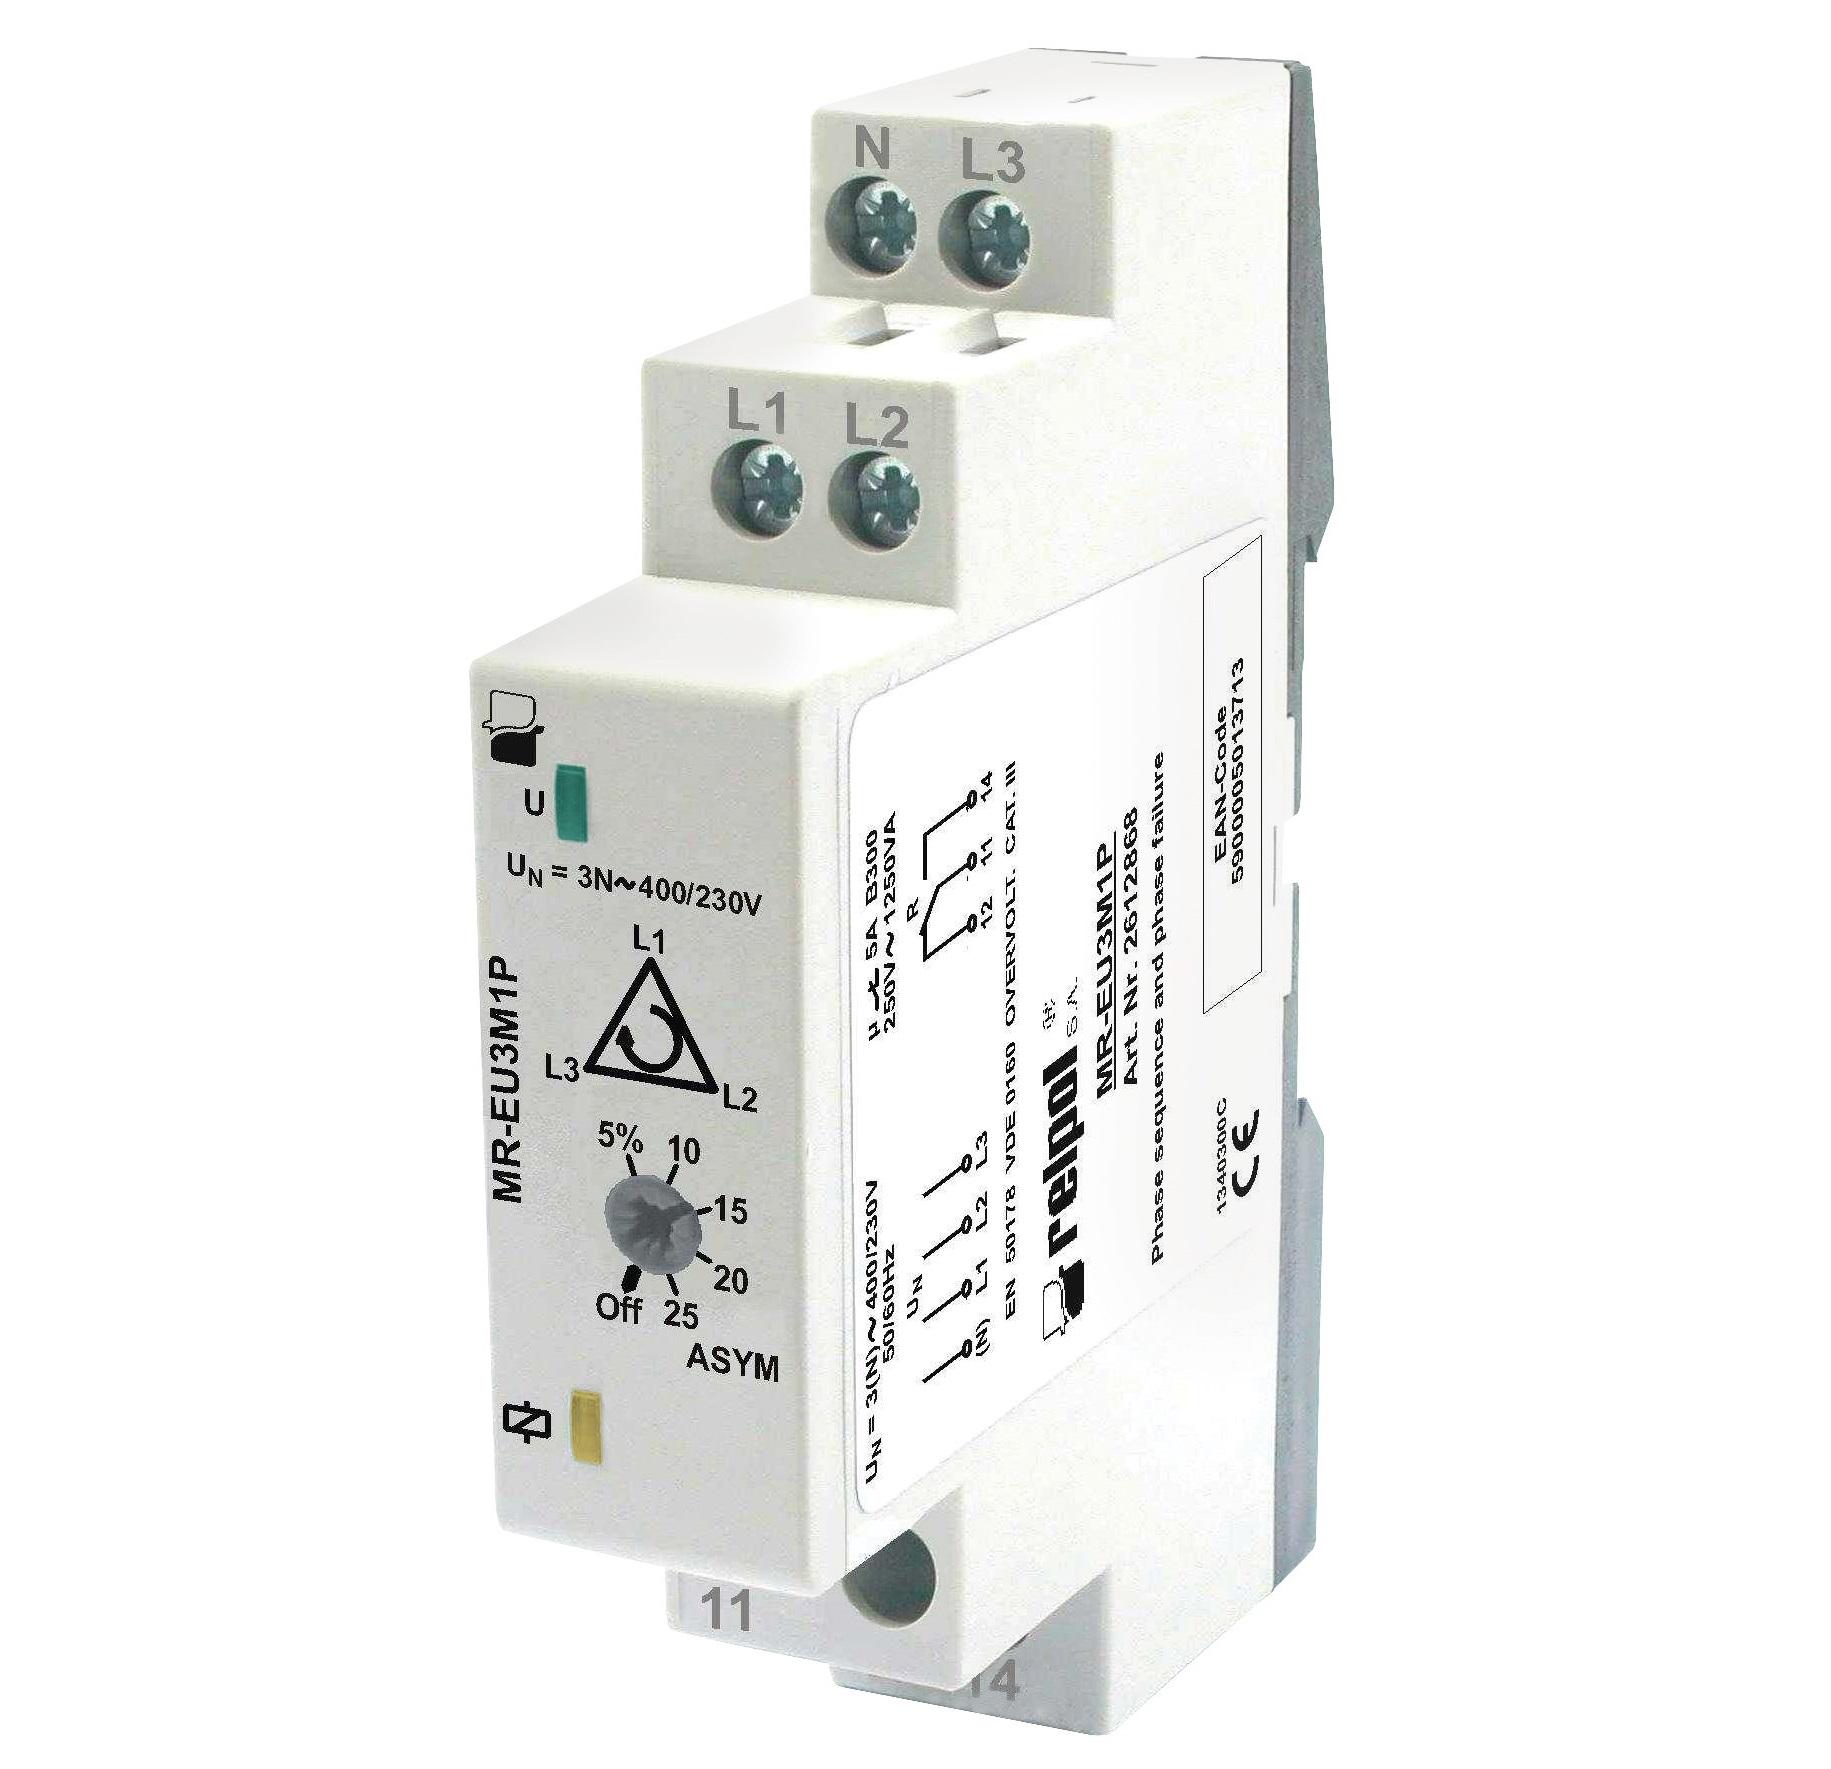 MR-EU3M1P реле контроля многофункциональное